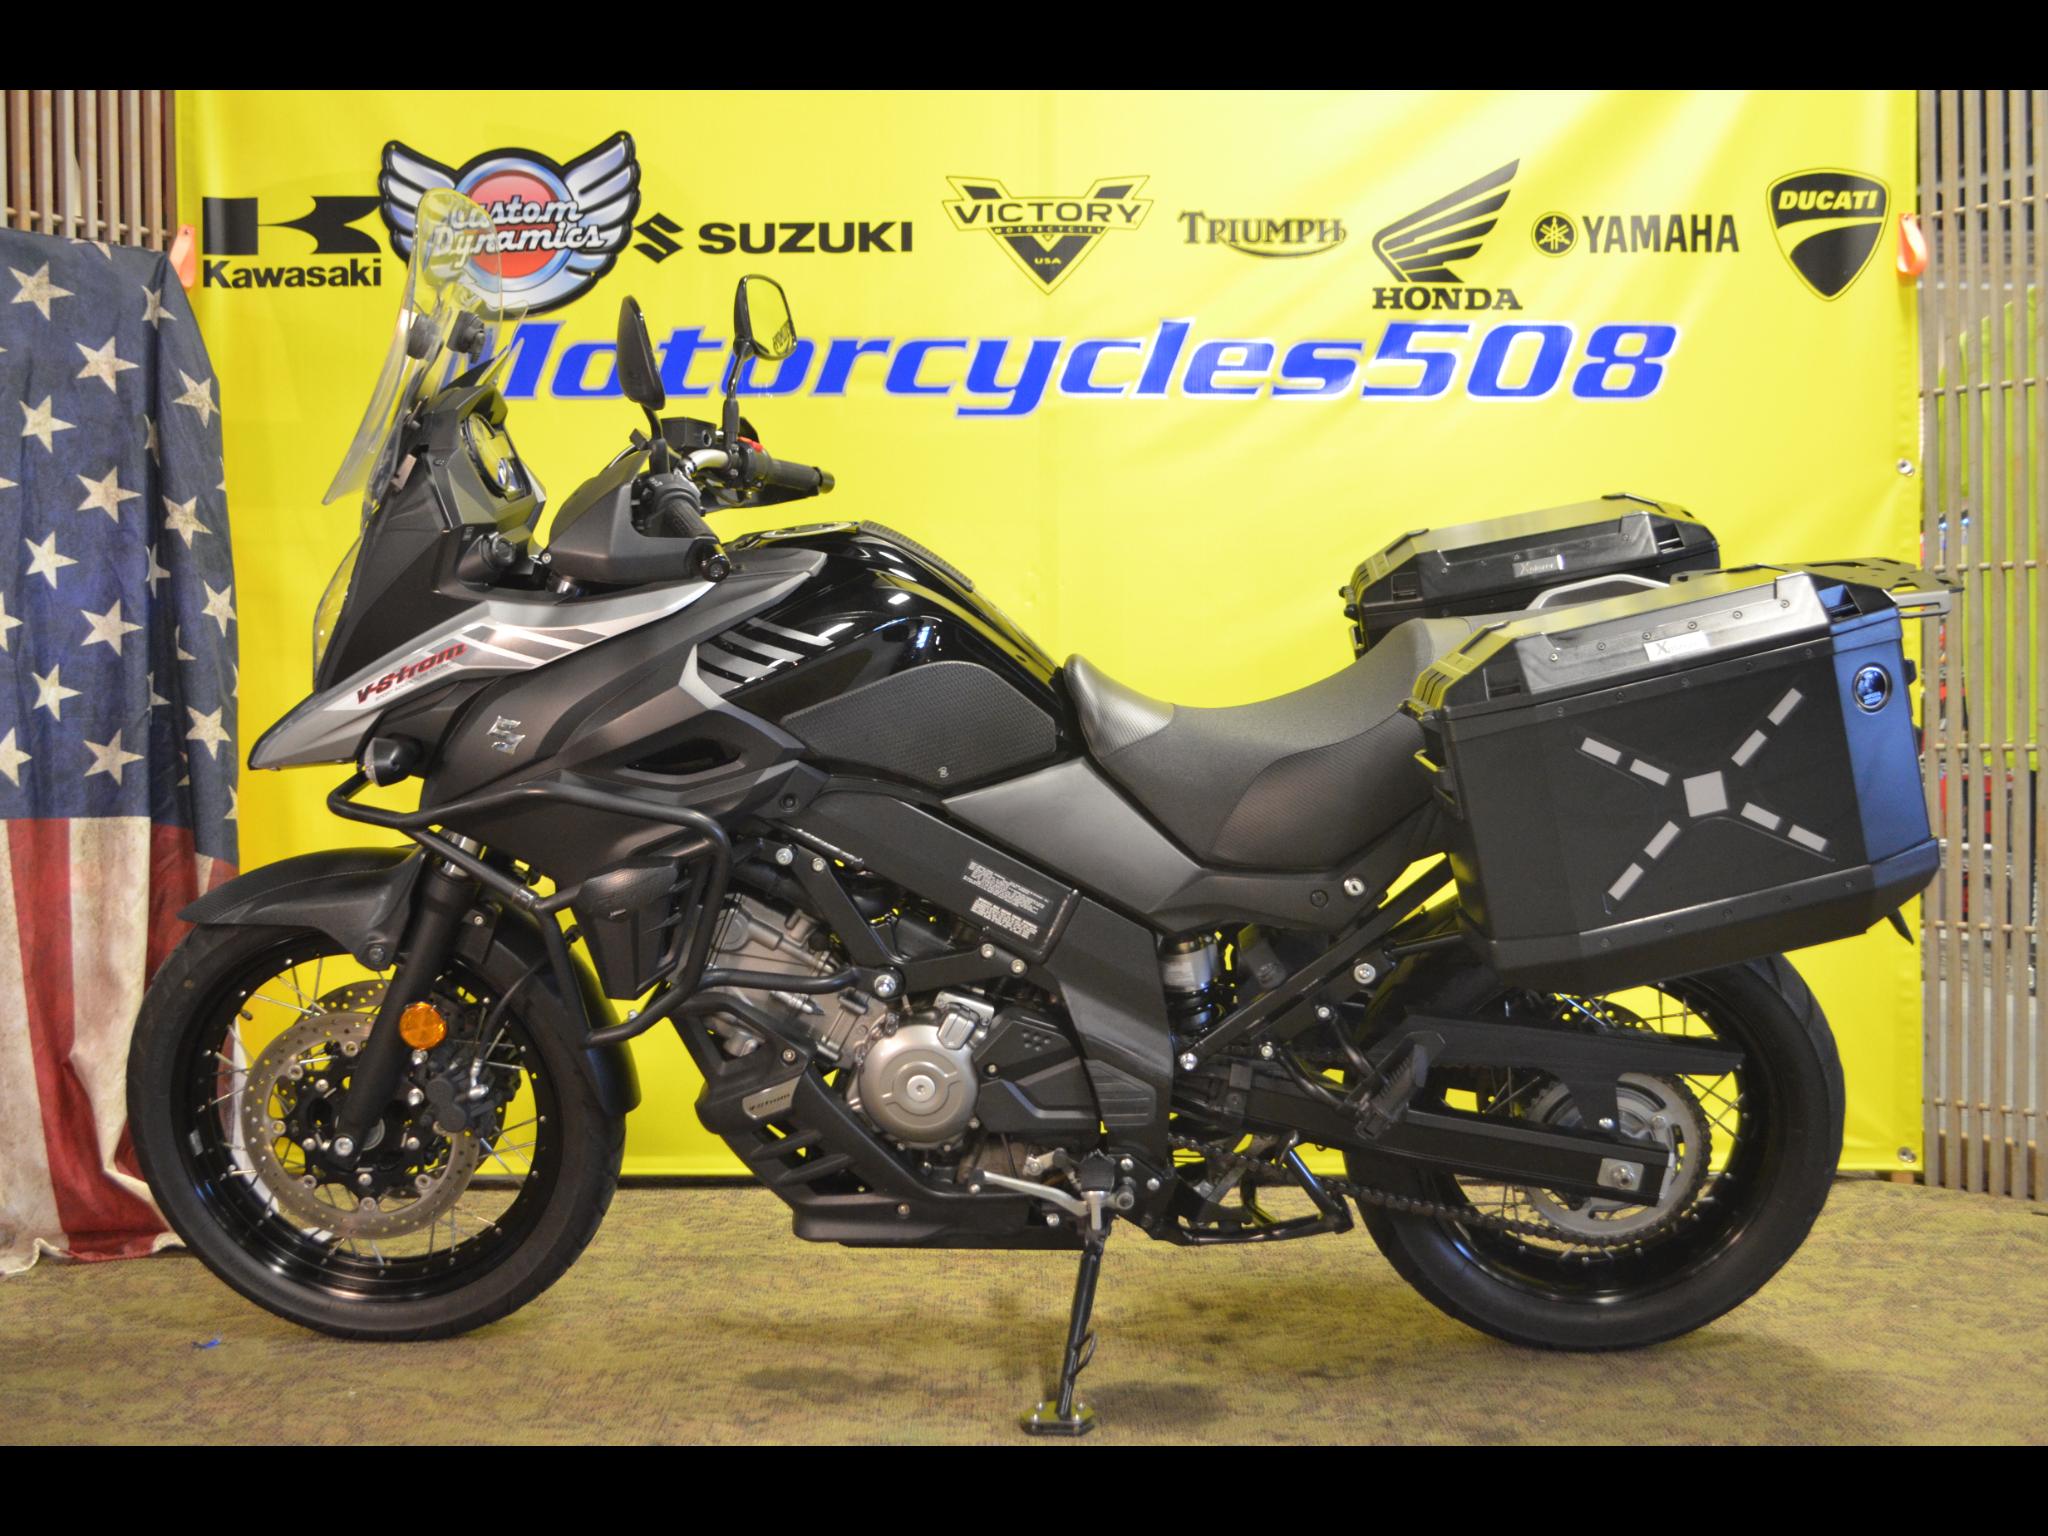 2017 Suzuki DL650 V-Strom